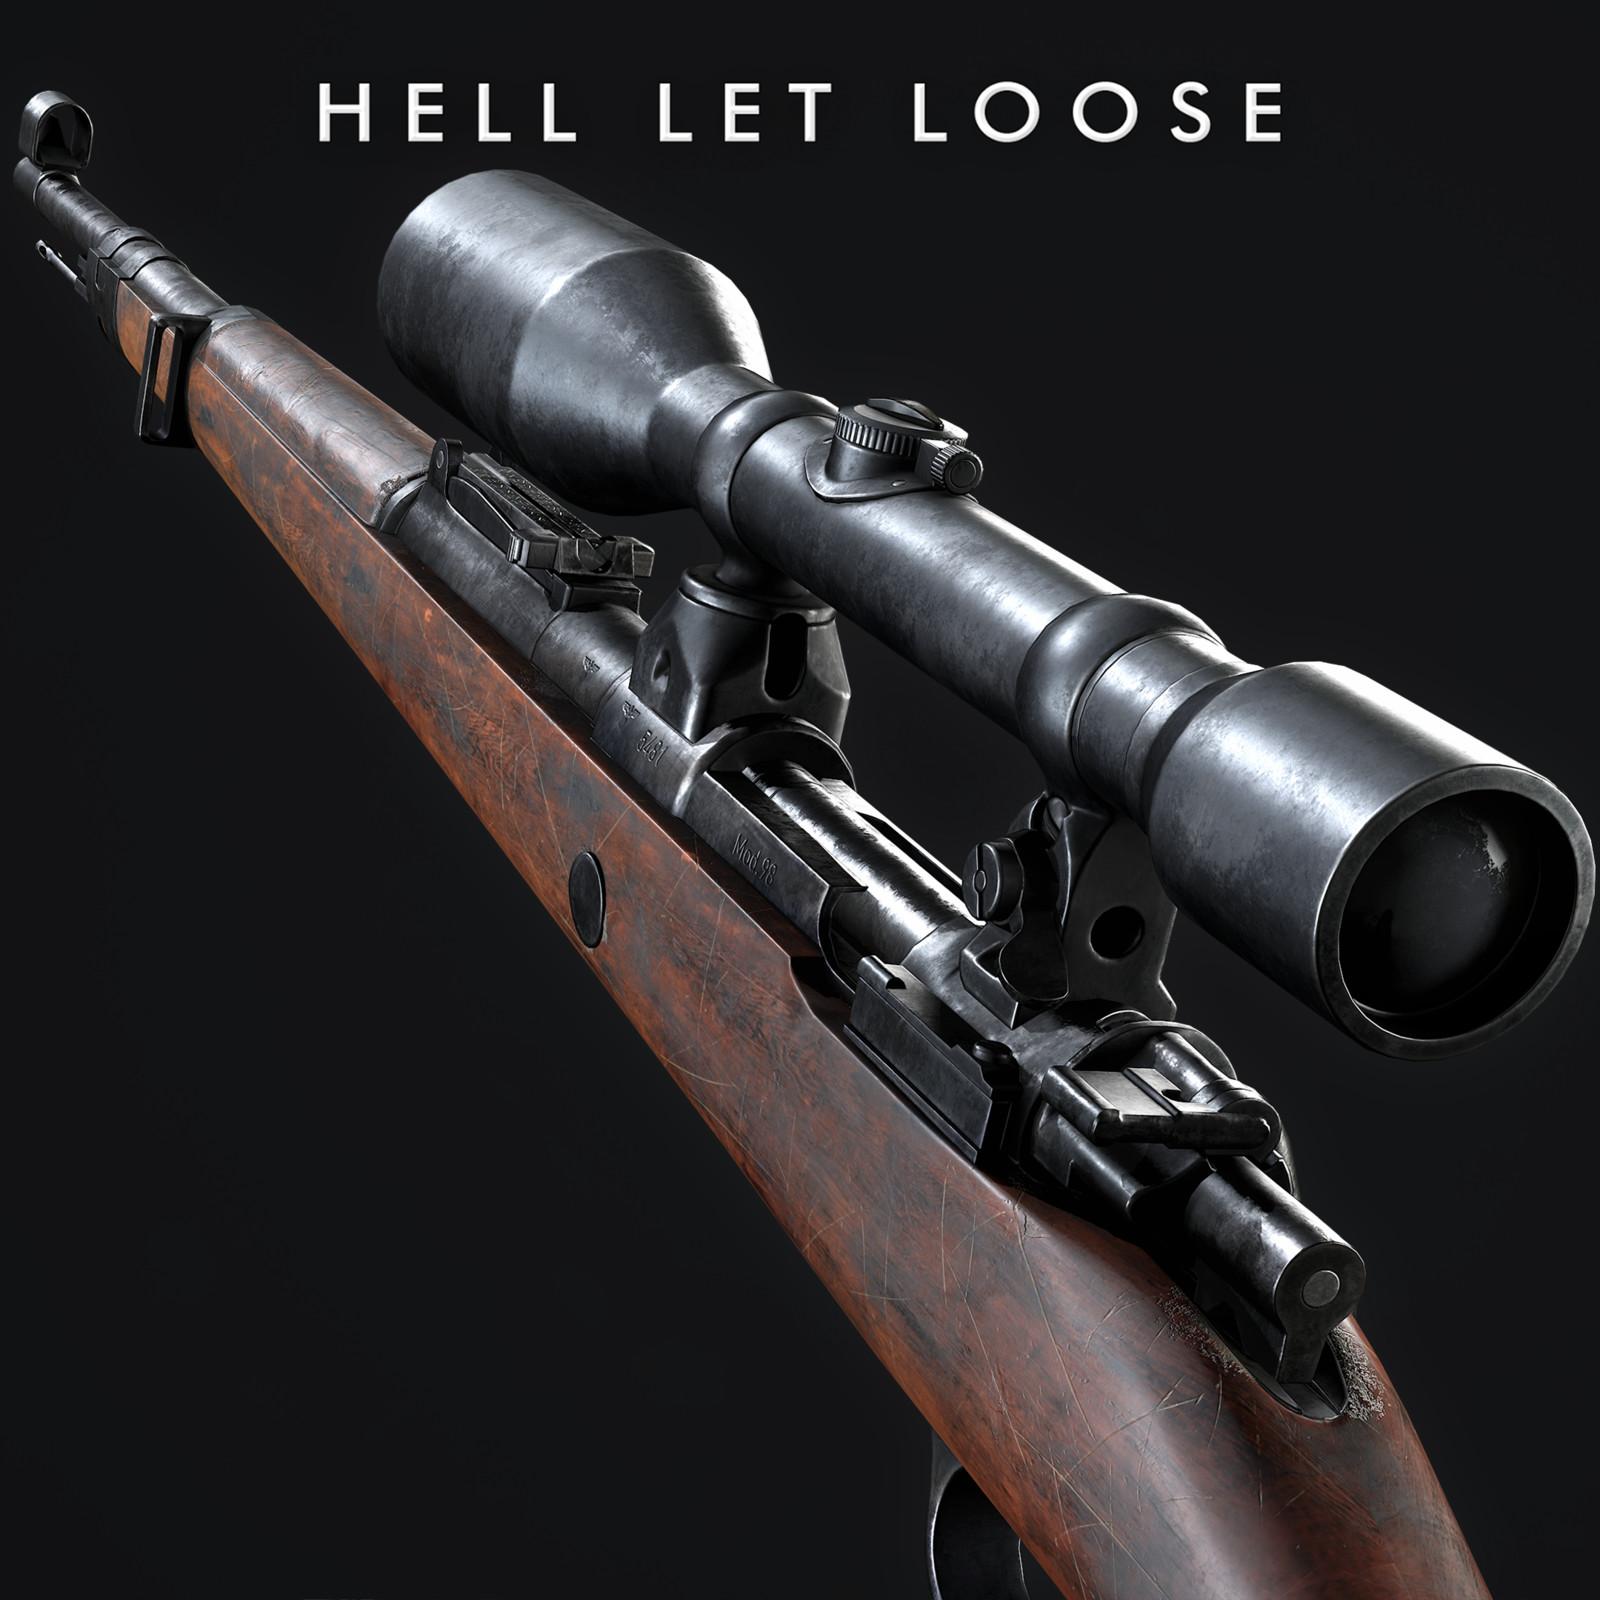 Mauser Karabiner 98k